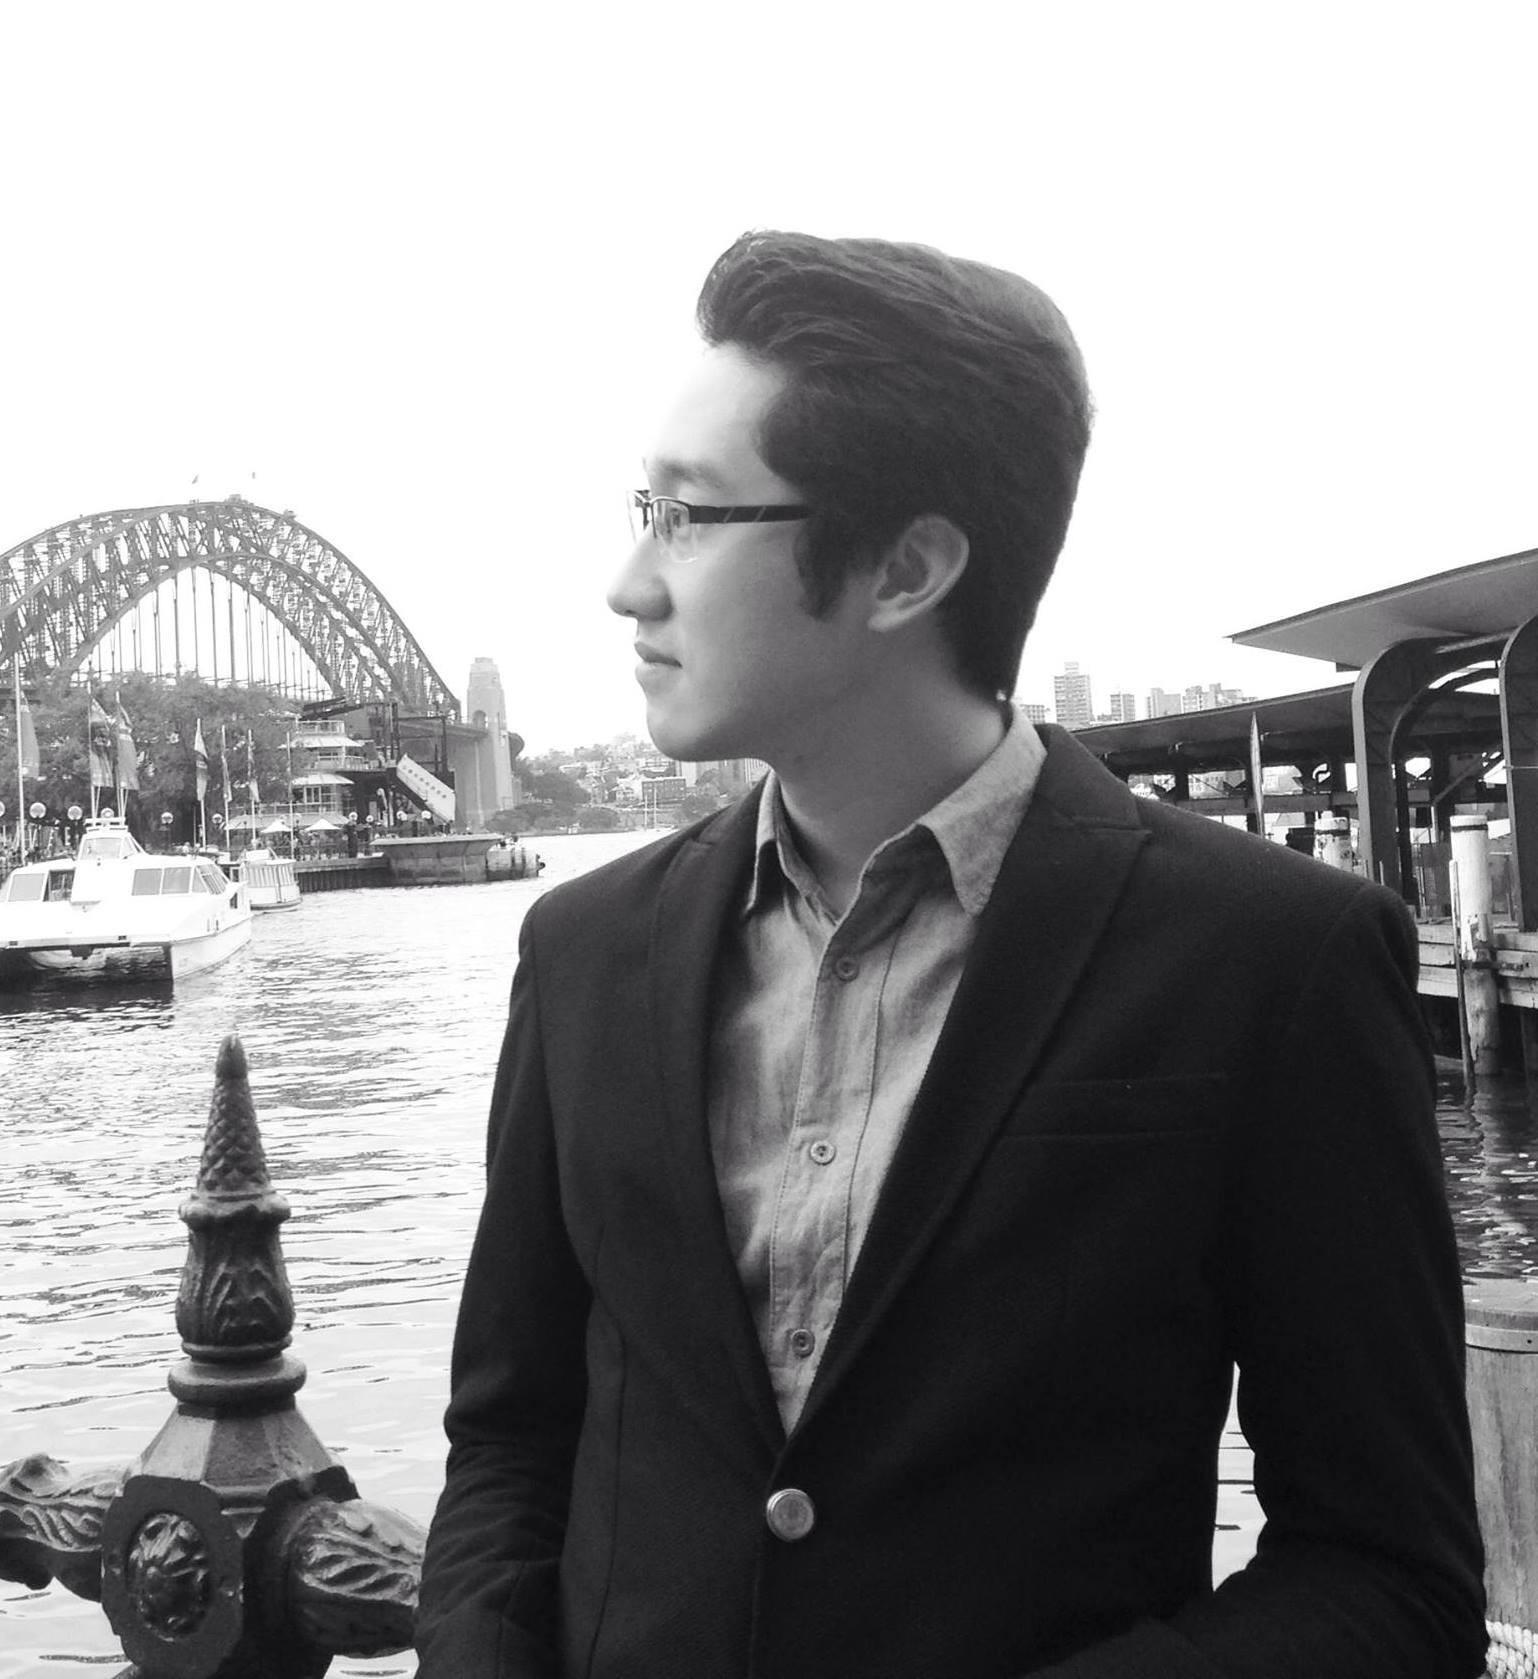 Soái ca du học sinh Việt tại Úc cao m8, IELTS 9.0, là nhà khoa học Việt Nam duy nhất tham gia Hội nghị vi sinh lớn nhất thế giới - Ảnh 3.